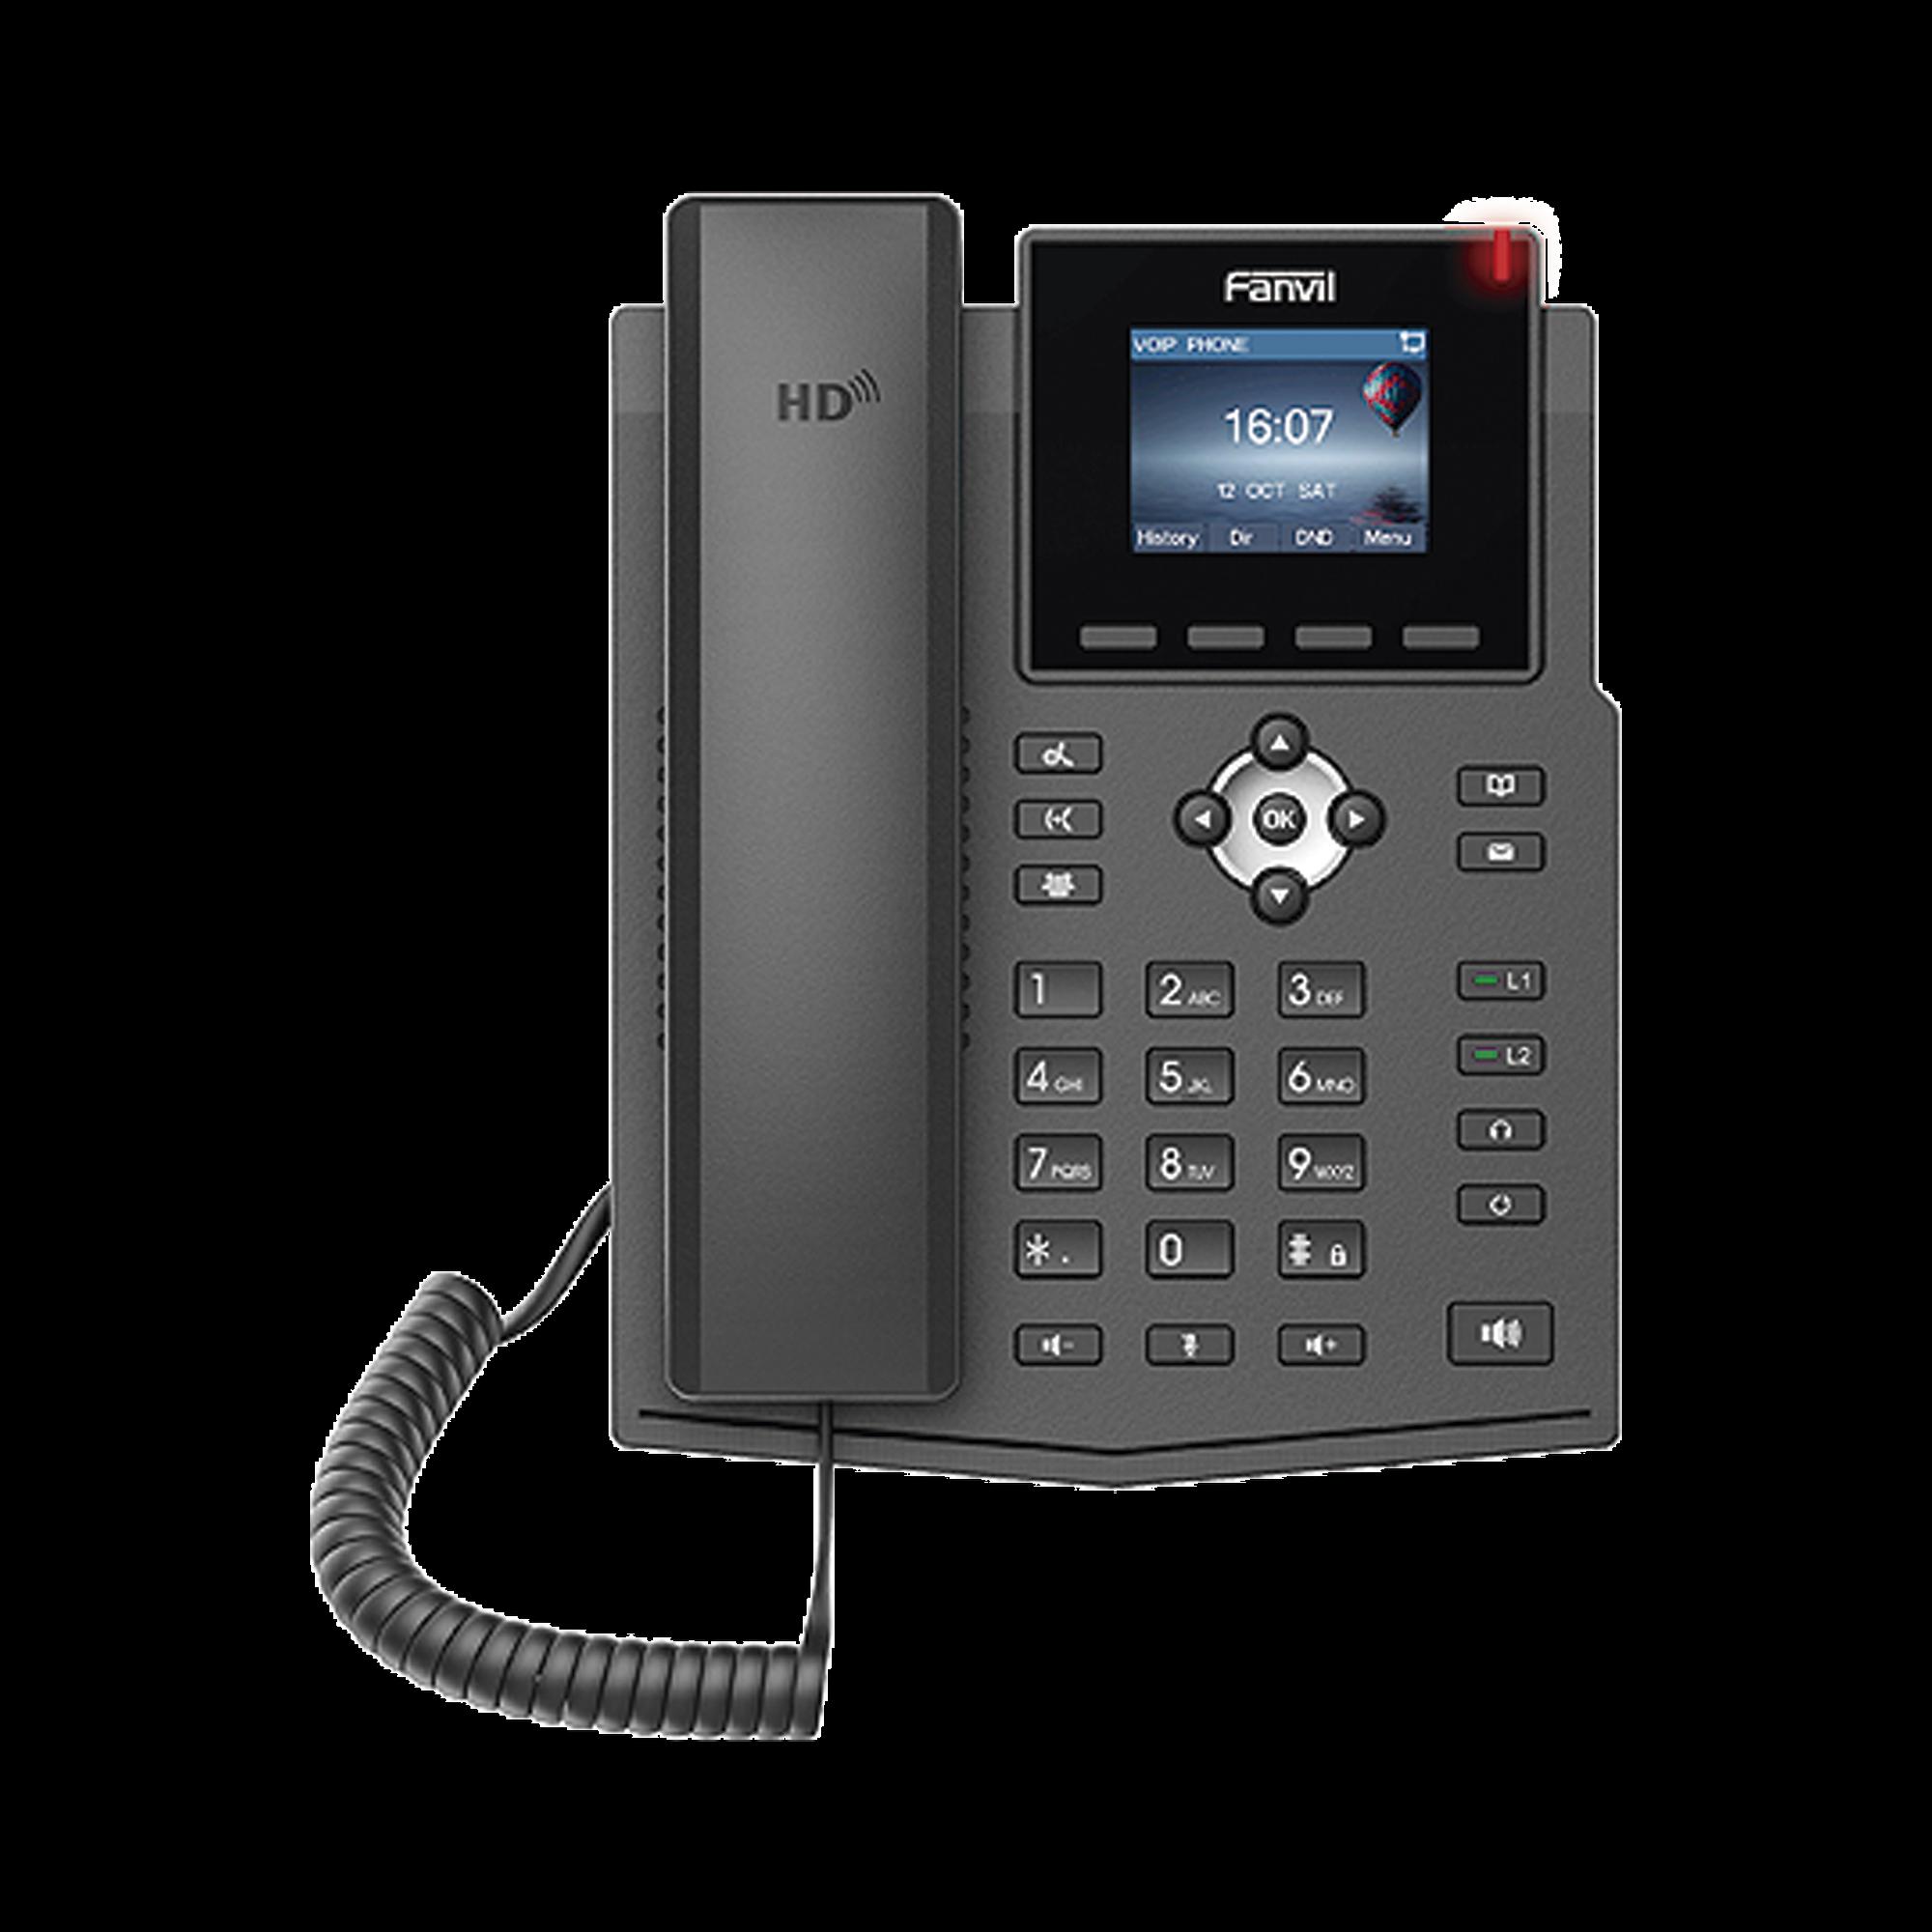 Teléfono IP empresarial para 4 líneas SIP con pantalla LCD de 2.8 pulgadas a color, Opus y conferencia de 3 vías, PoE.